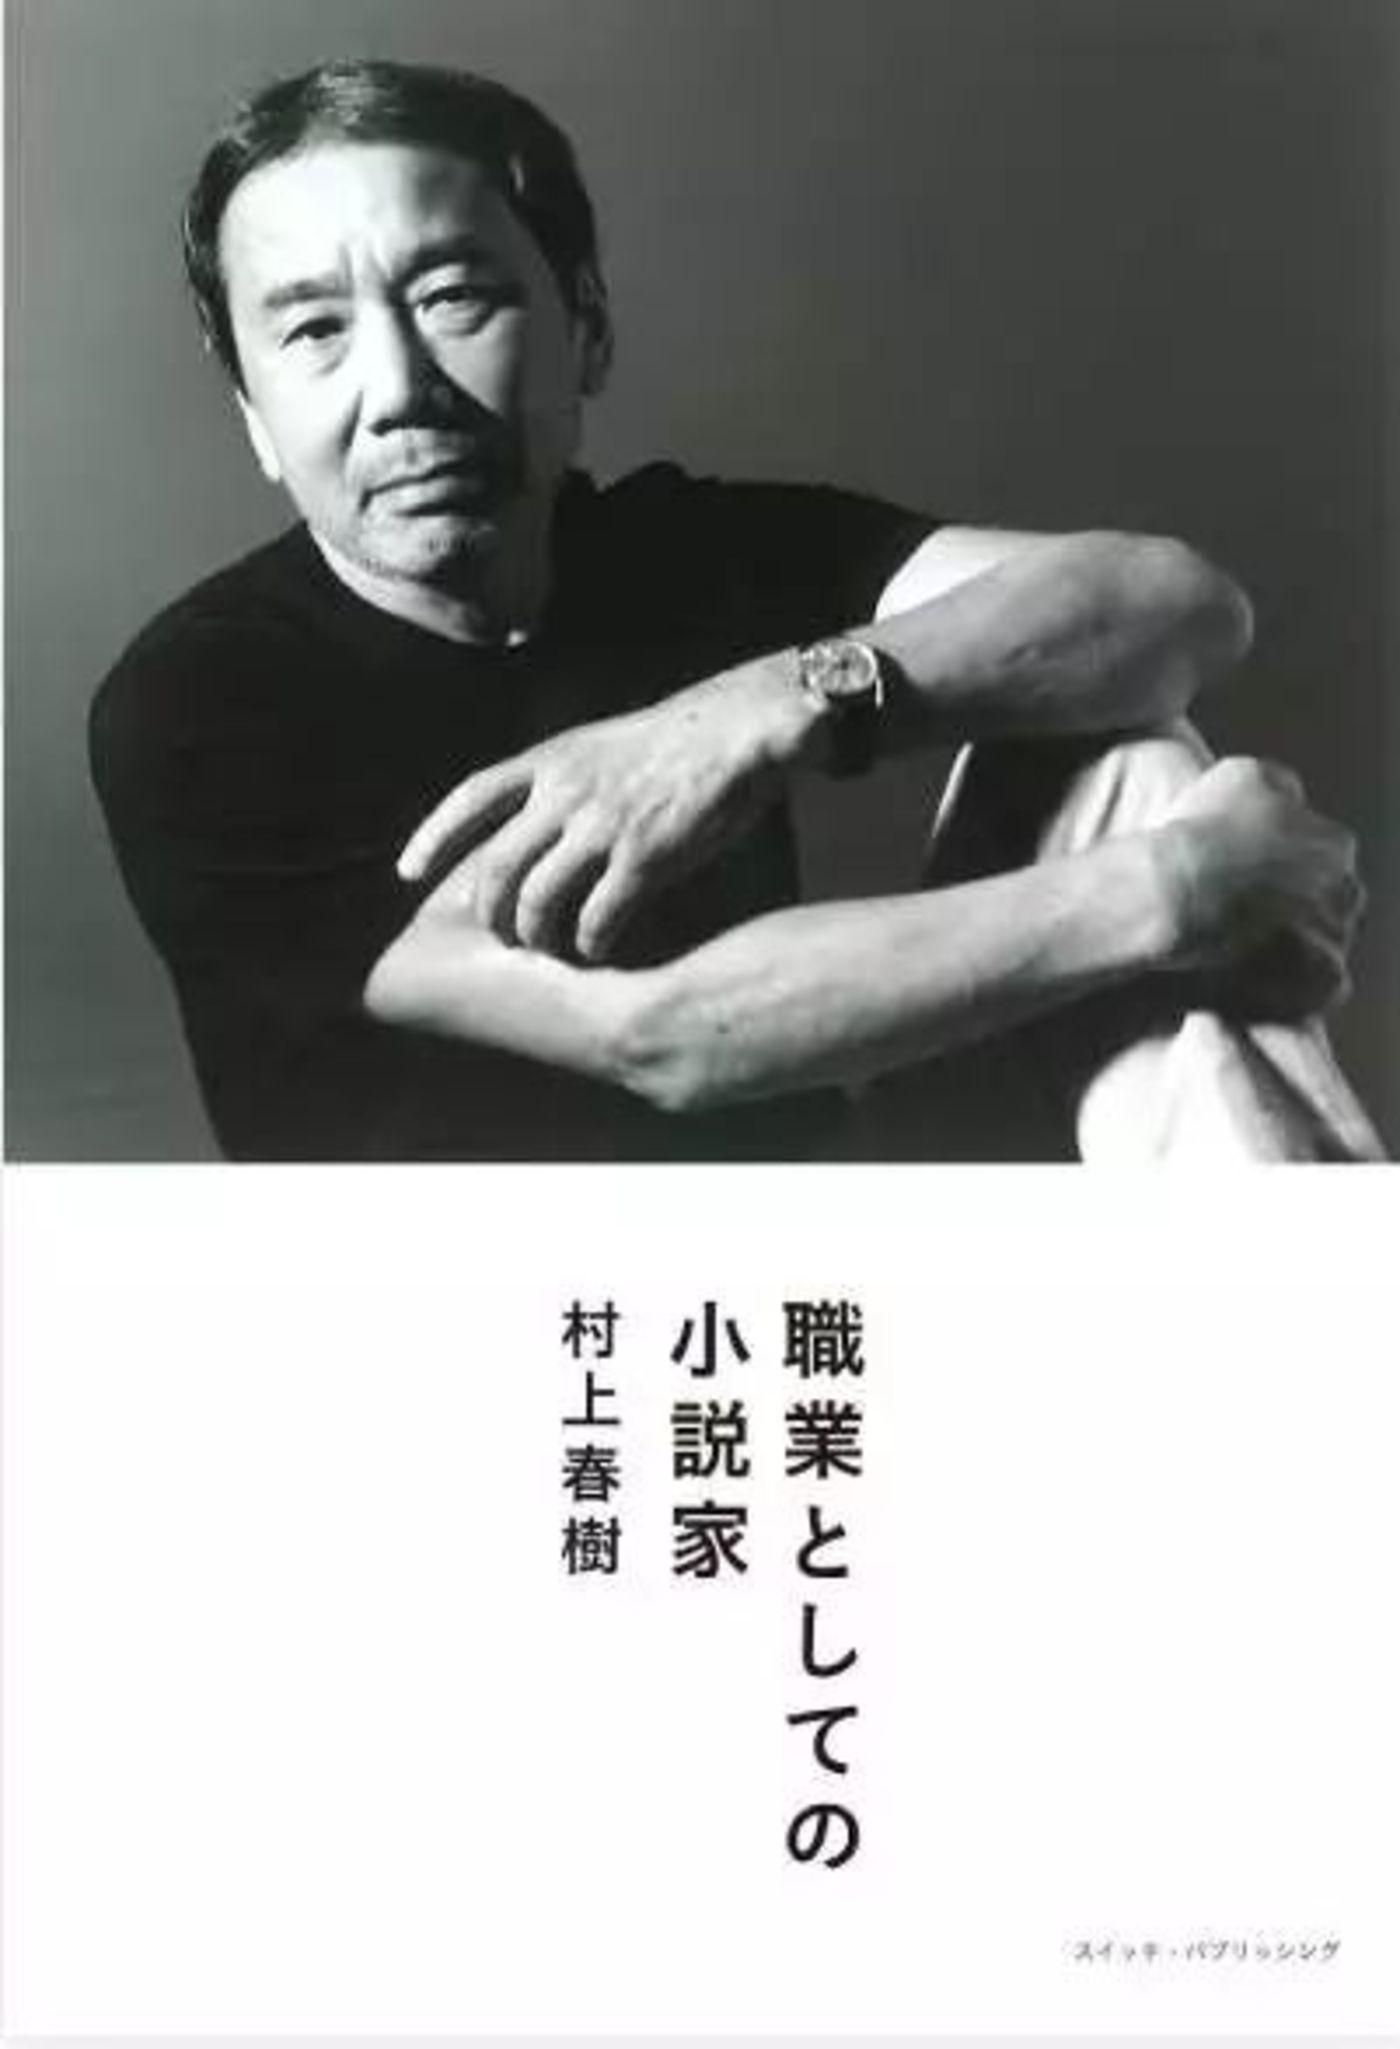 村上春树:我不需要诺贝尔文学奖